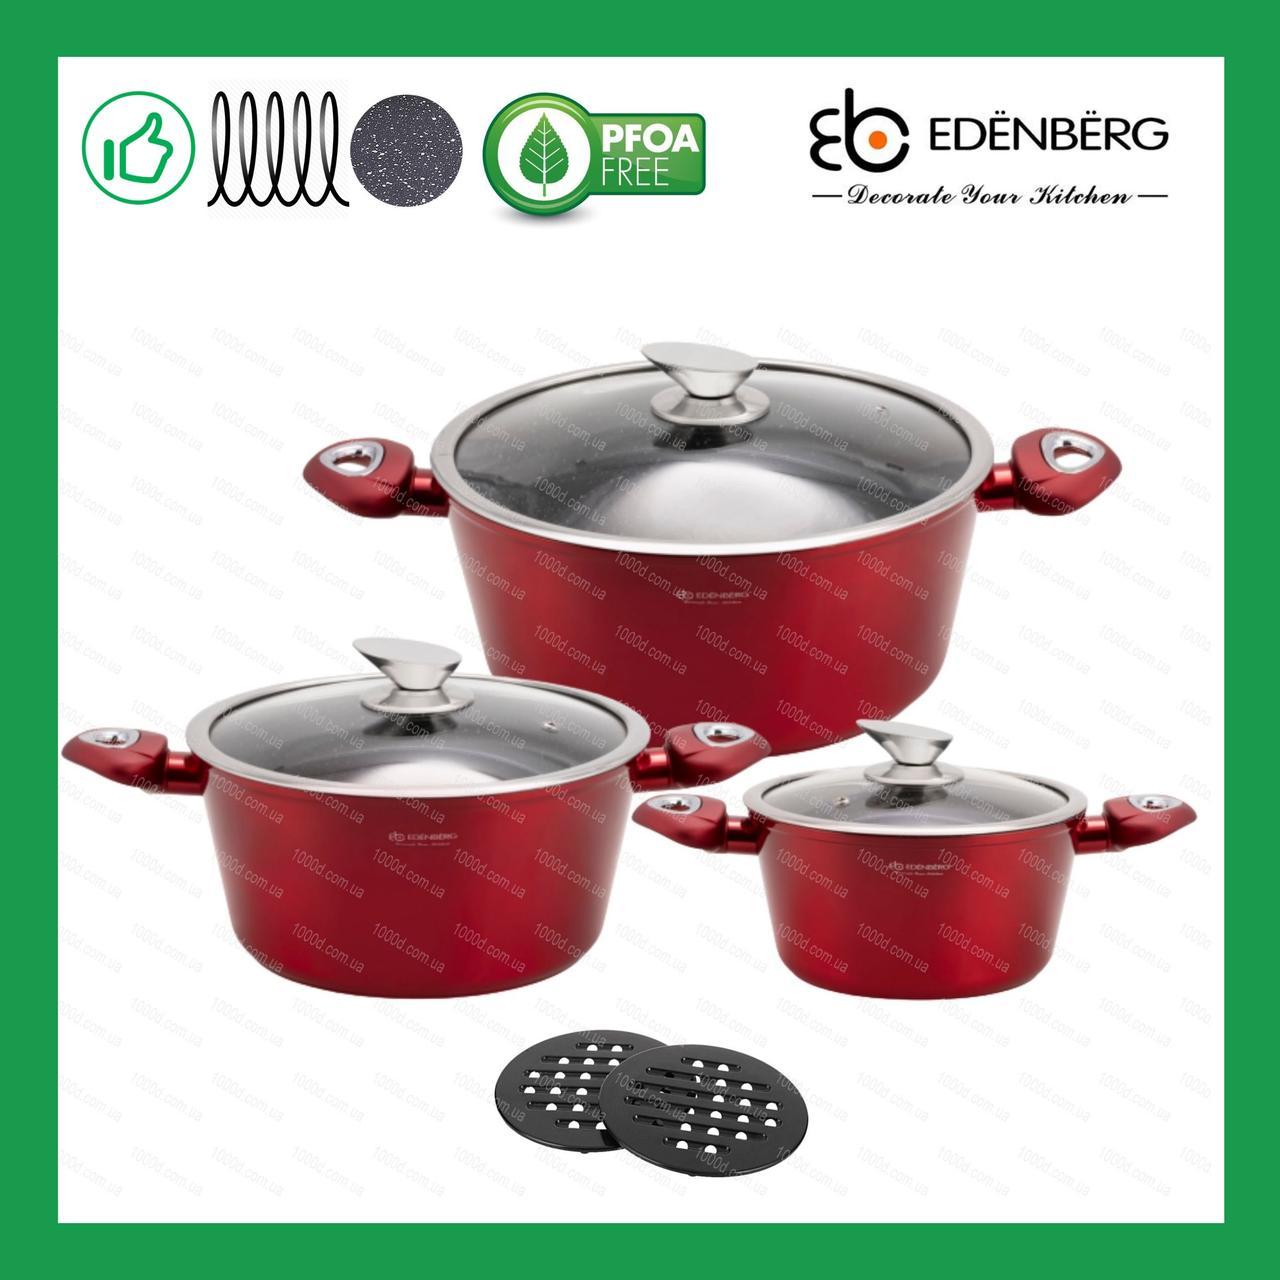 Набор посуды Edenberg с антипригарным мраморным покрытием 6 предметов из литого алюминия Красный (EB-7421)